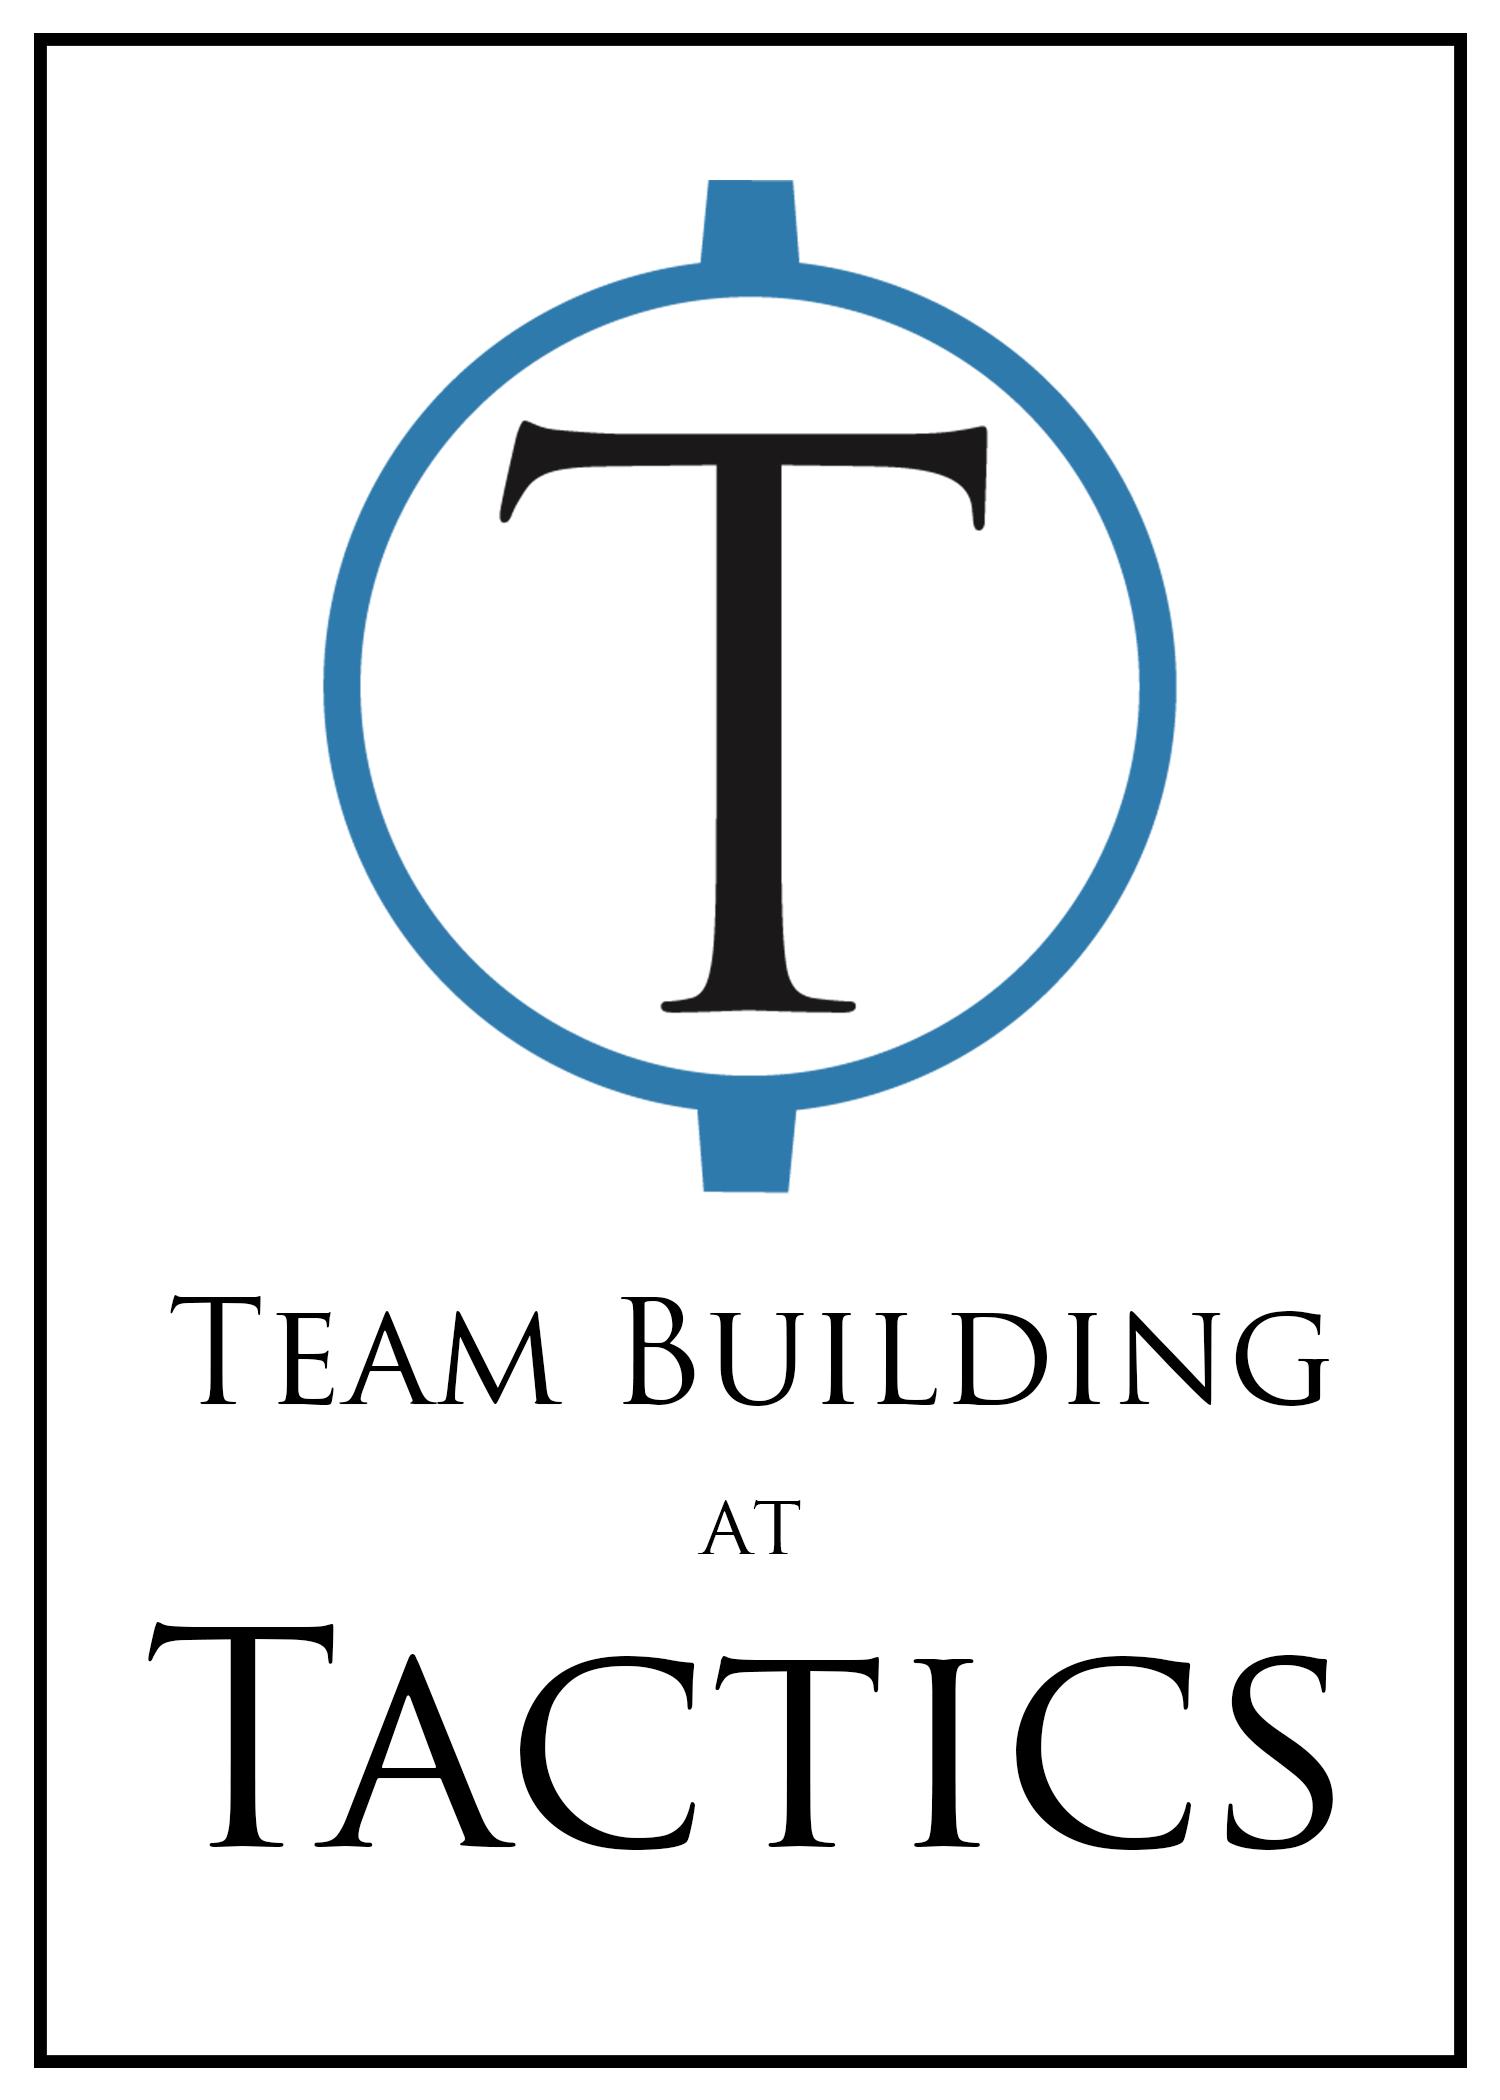 Tactics Team Building.png